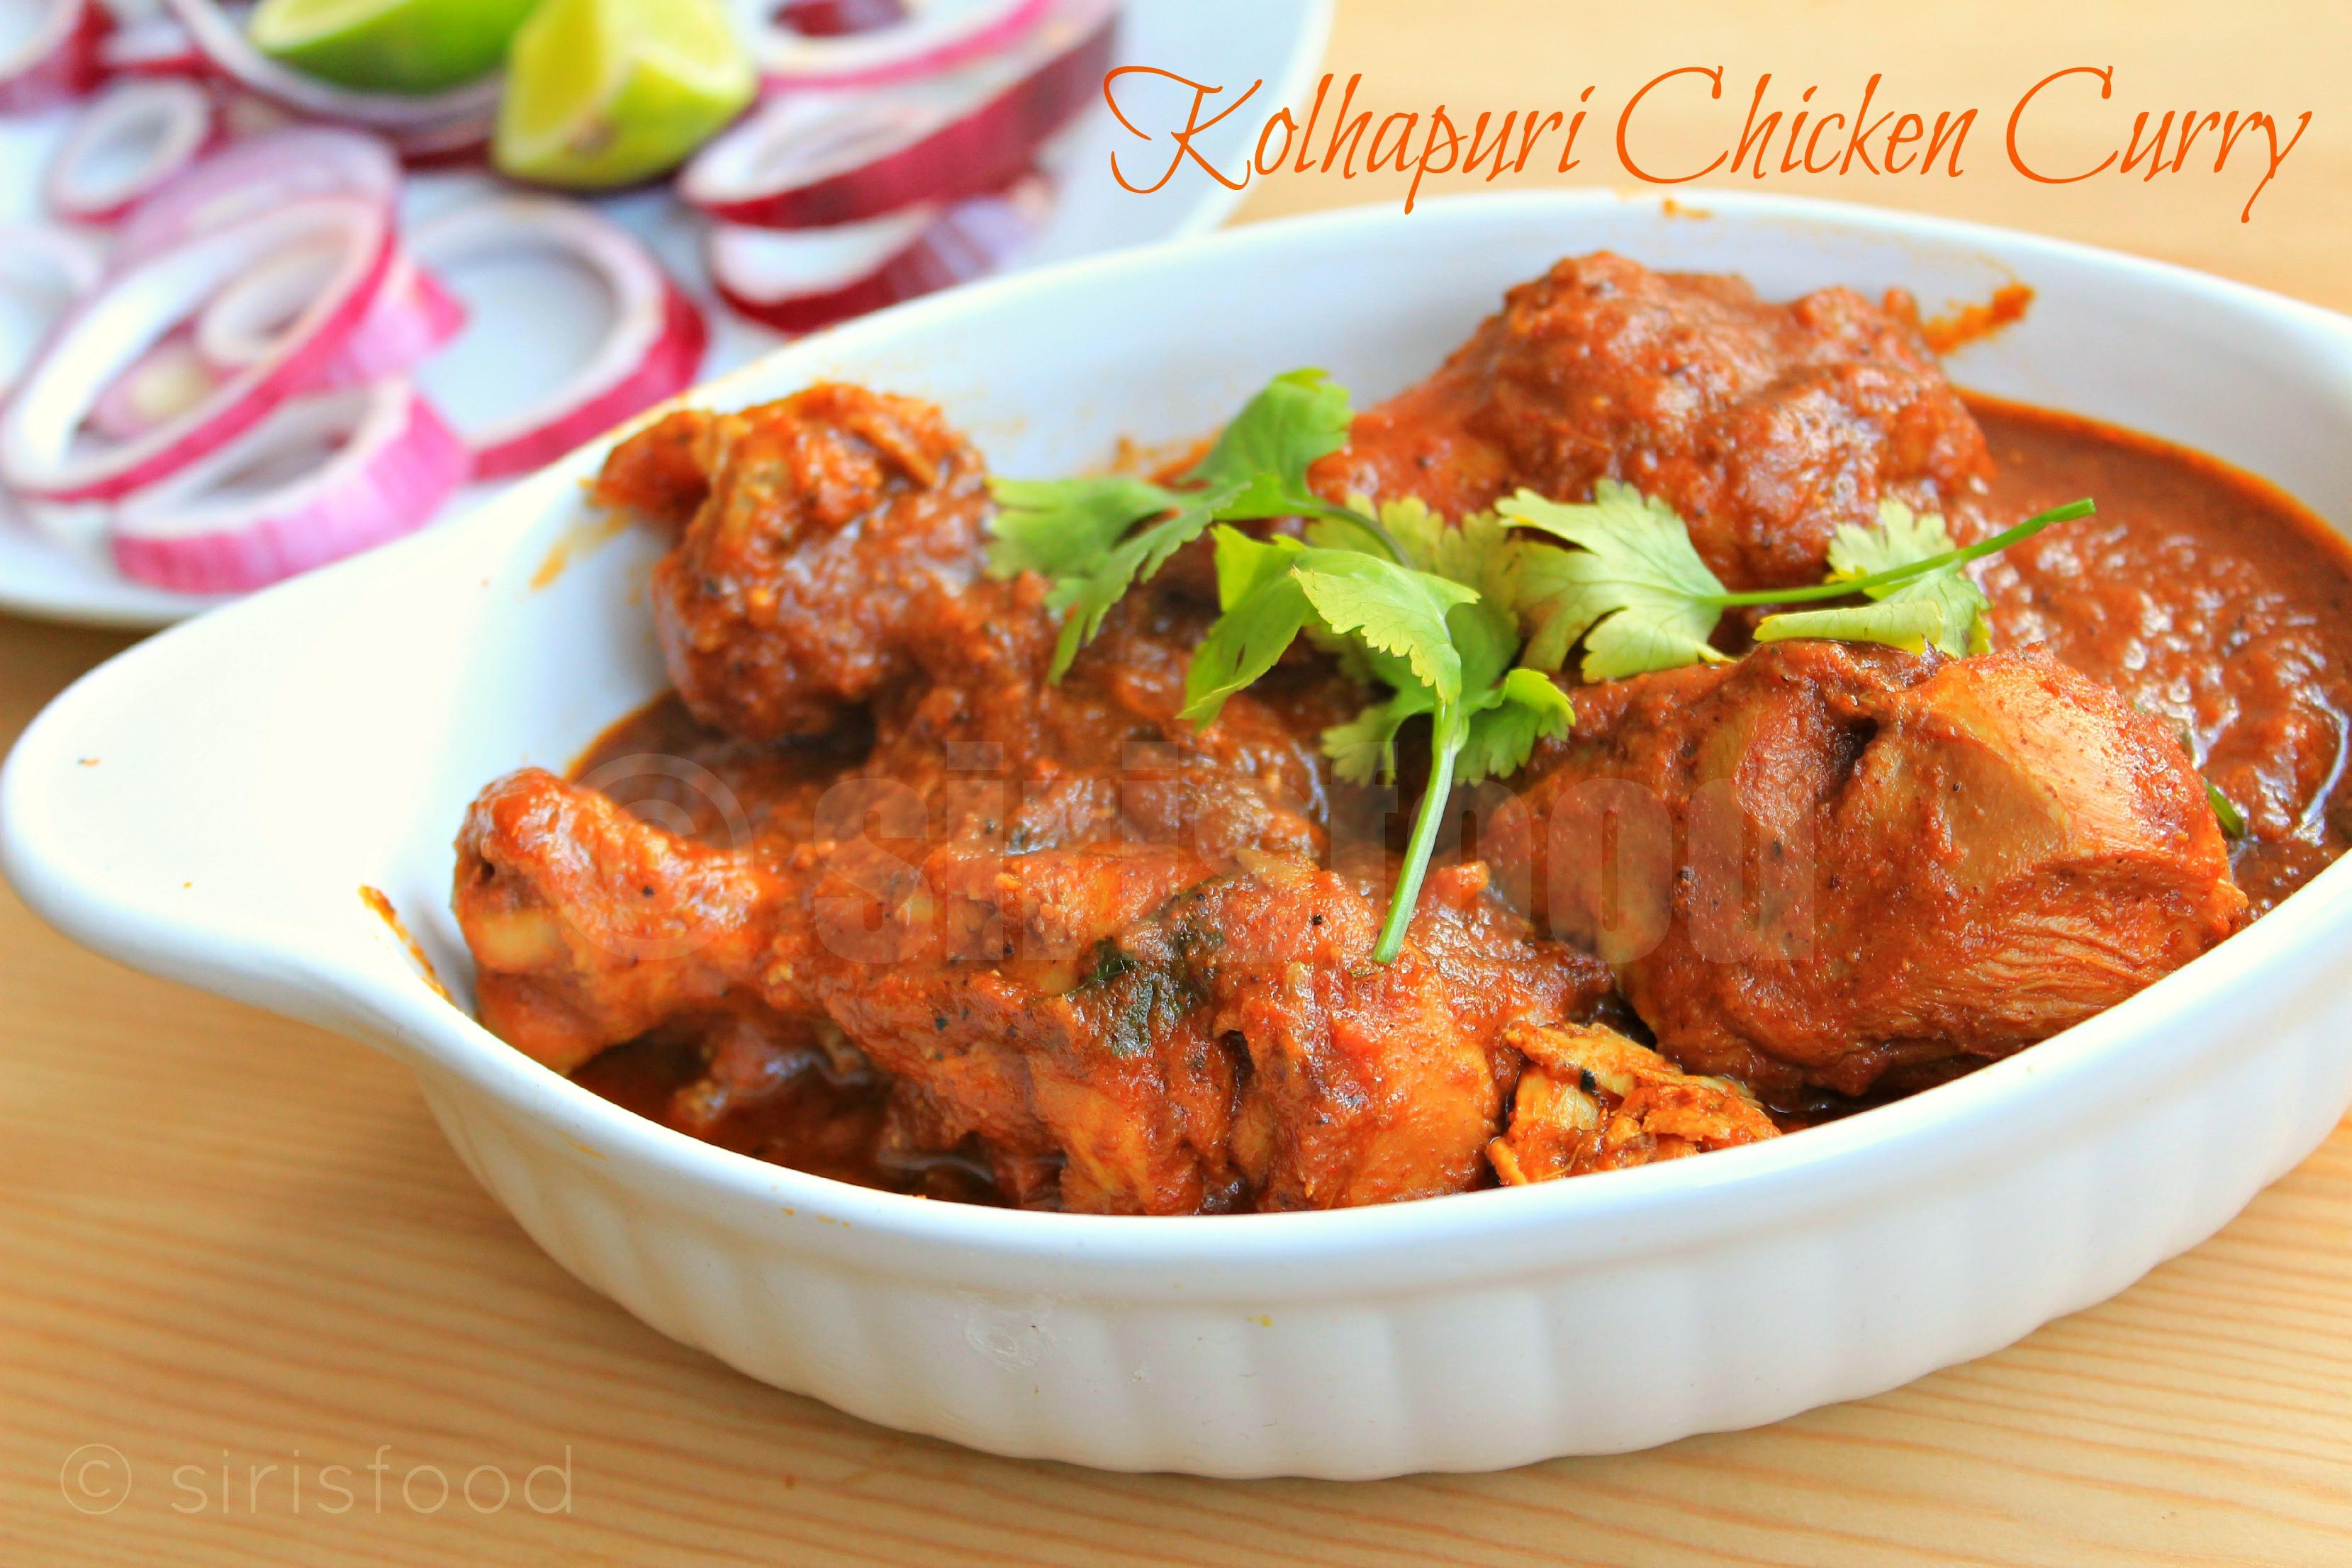 Indian Chicken Recipes  Kolhapuri Chicken Curry Indian Chicken Recipes Sirisfood